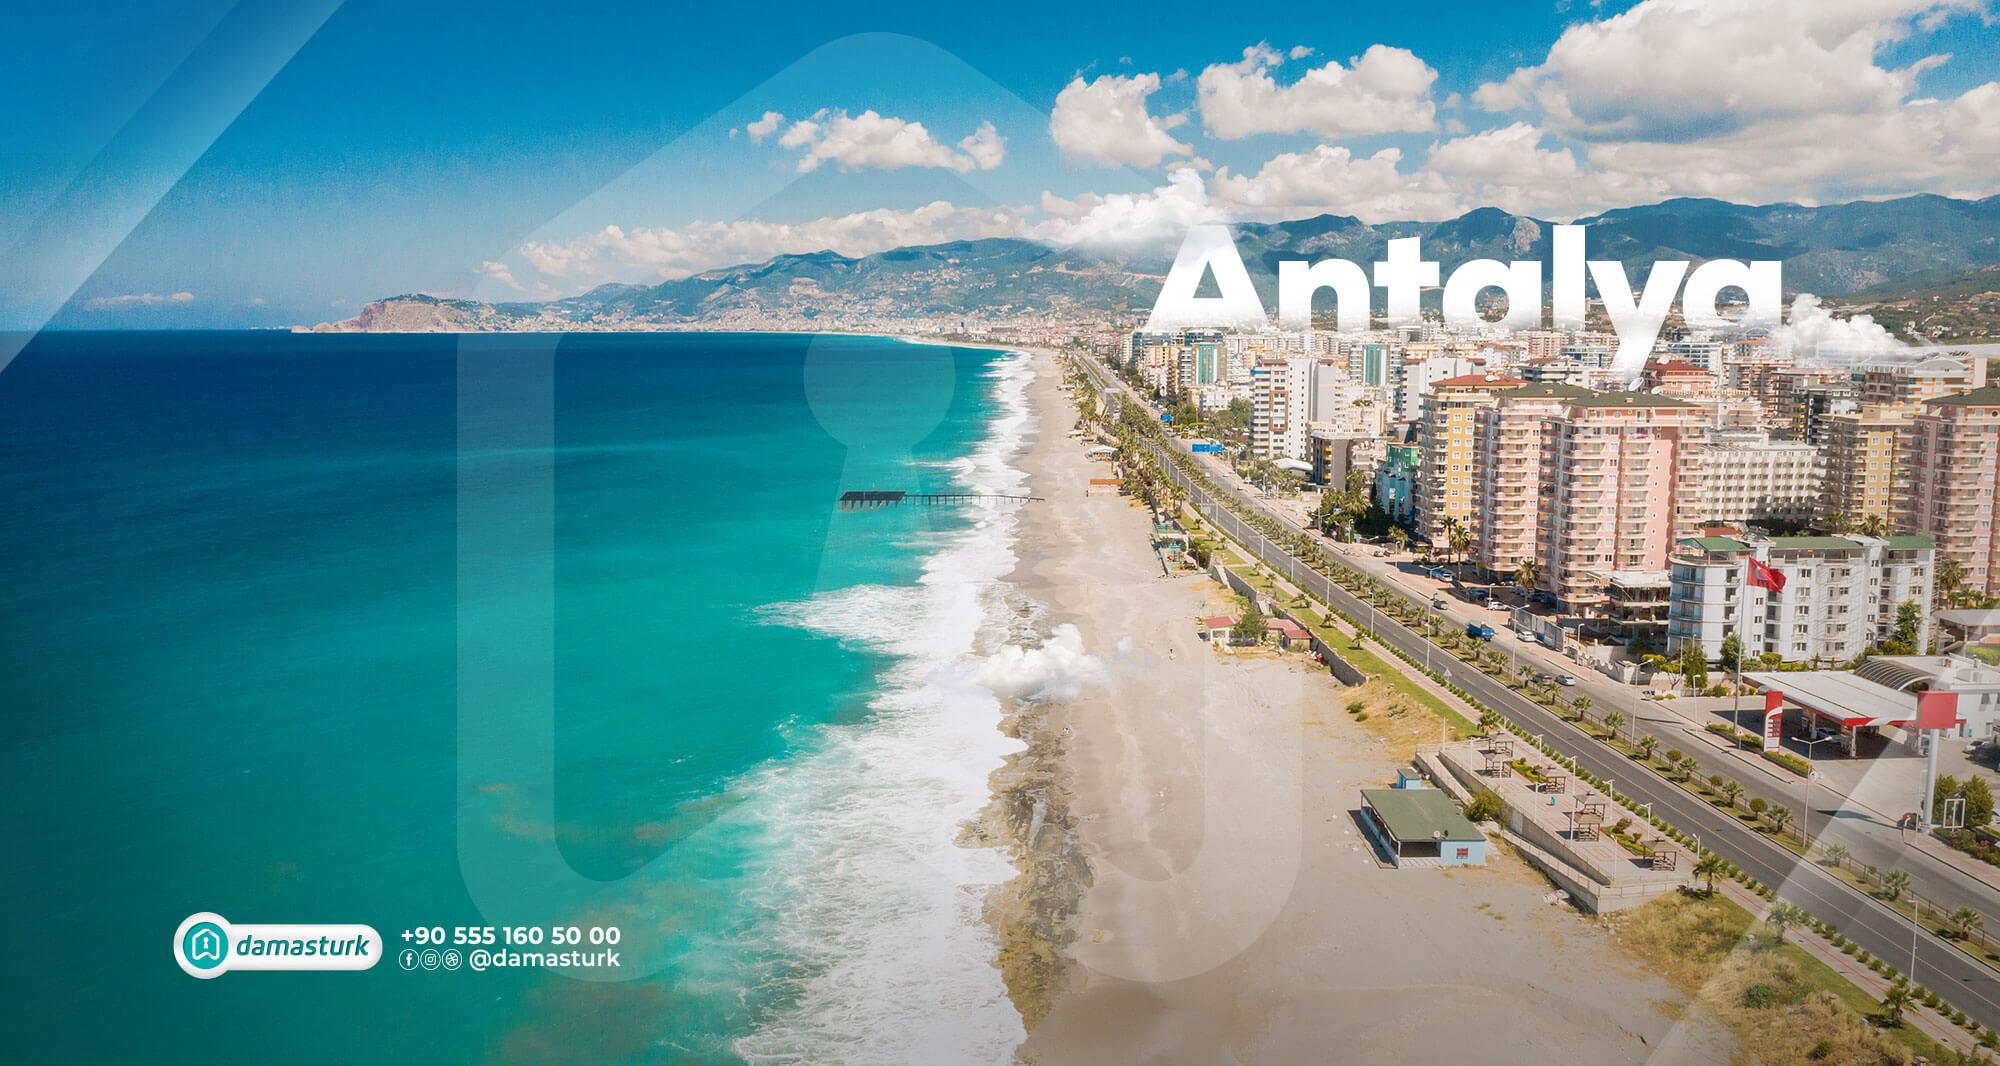 شقق للبيع في أنطاليا 2021